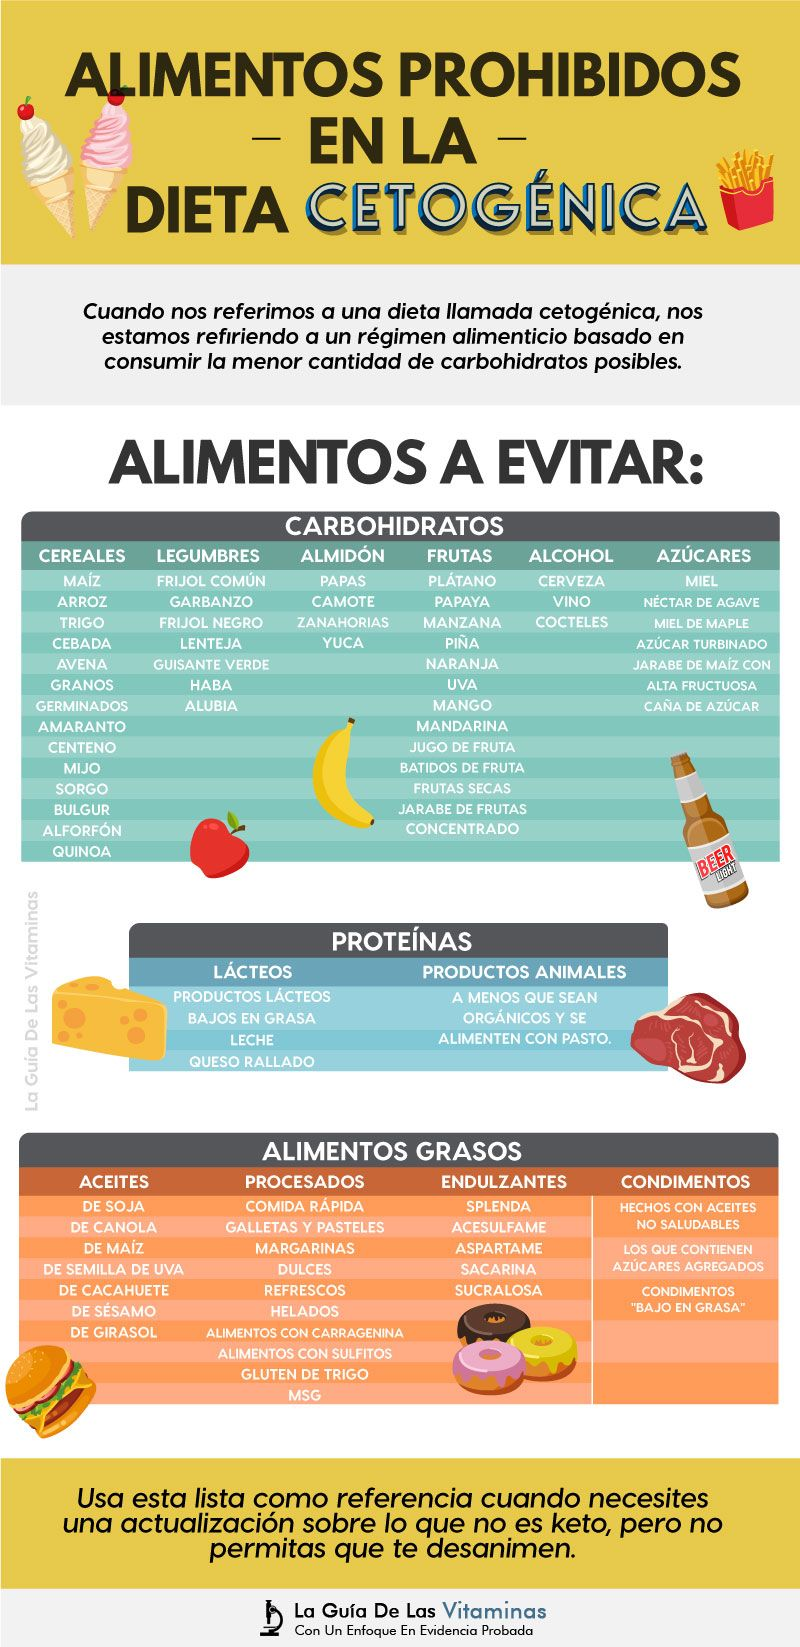 Alimentos Prohibidos En La Dieta Cetogénica La Guía De Las Vitaminas Detox Diet Detox Diet Drinks Body Detox Diet